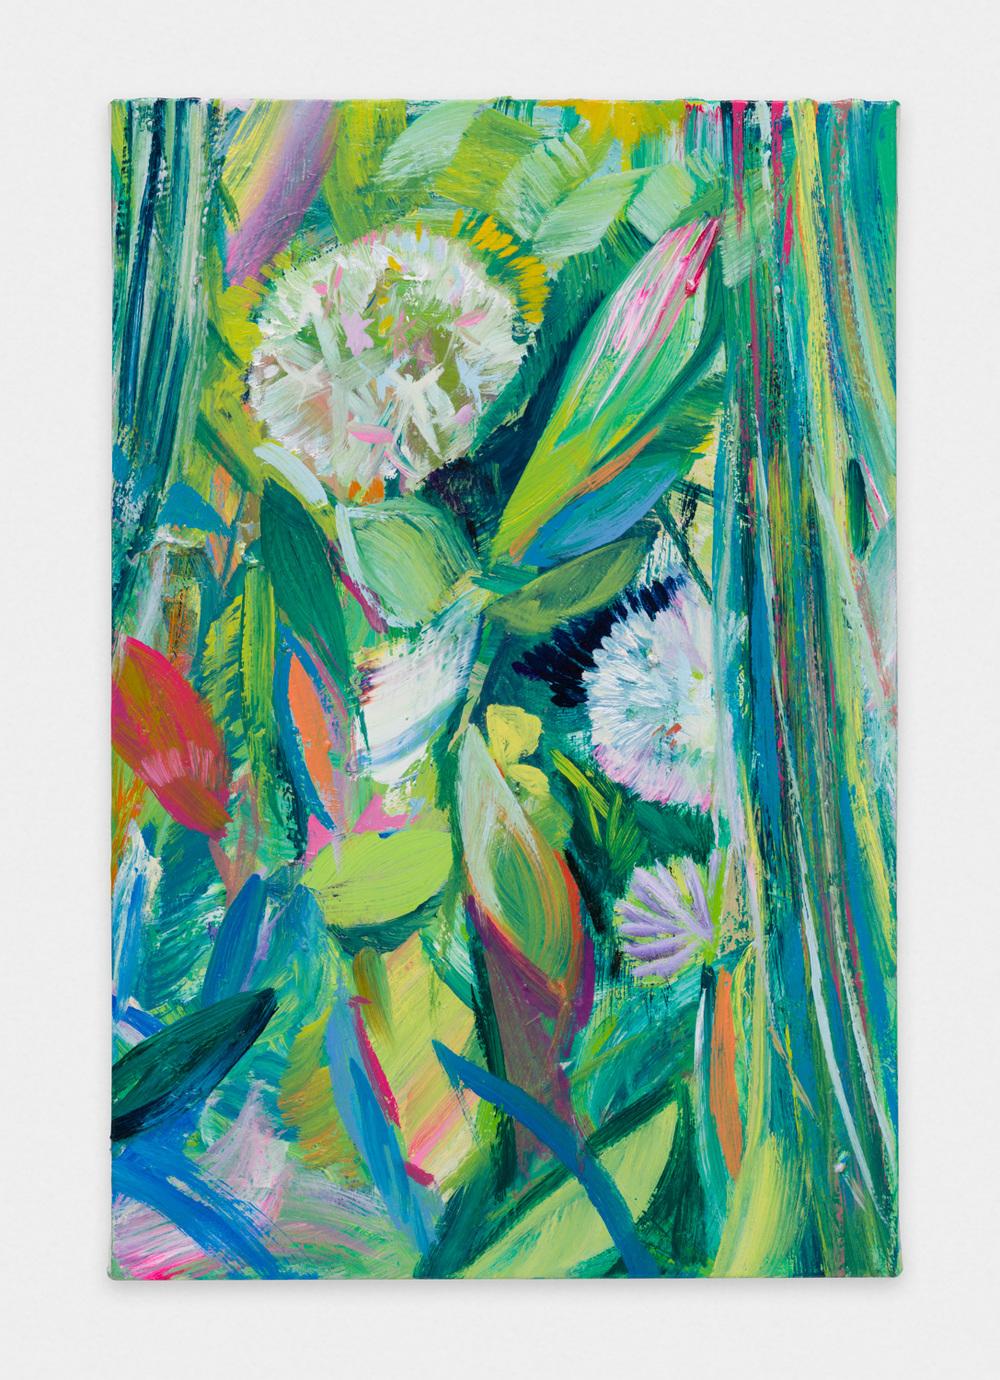 Miki Mochizuka G 2015 - 2016 Oil on canvas 16.14 x 10.75 in (41h x 27.31w cm) MikiM007